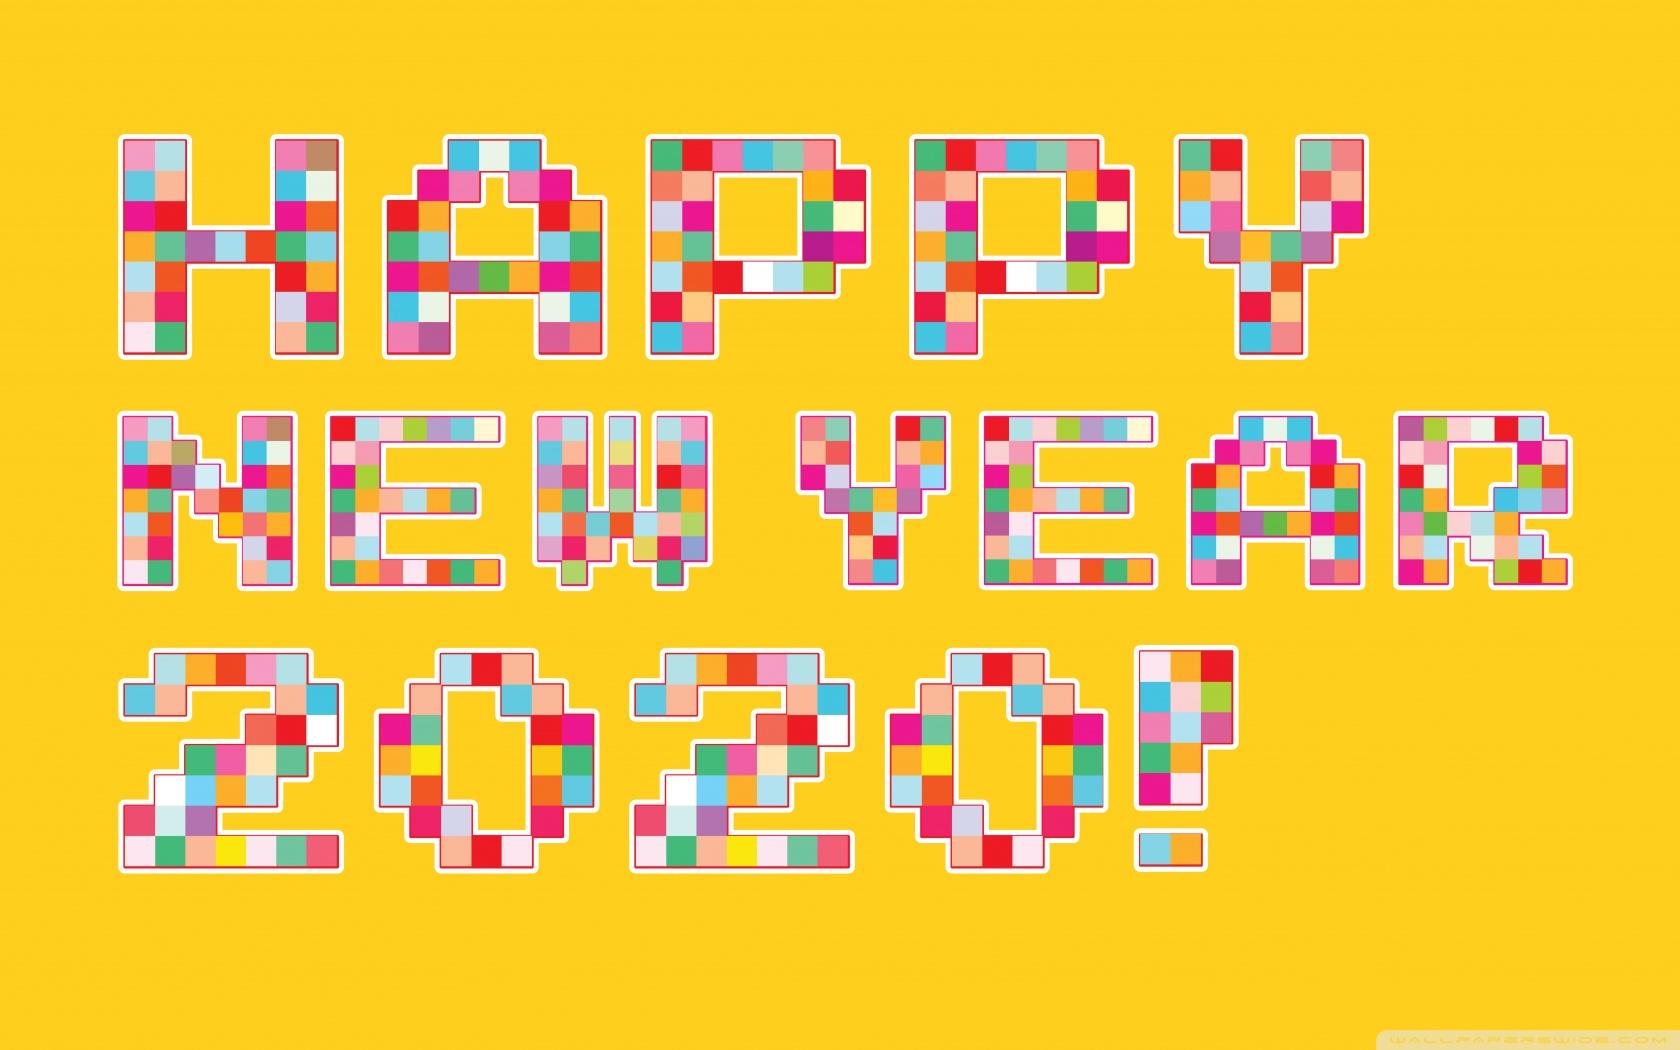 Happy New Year 2020 Pixel Art 4K HD Desktop Wallpaper for 4K 1680x1050